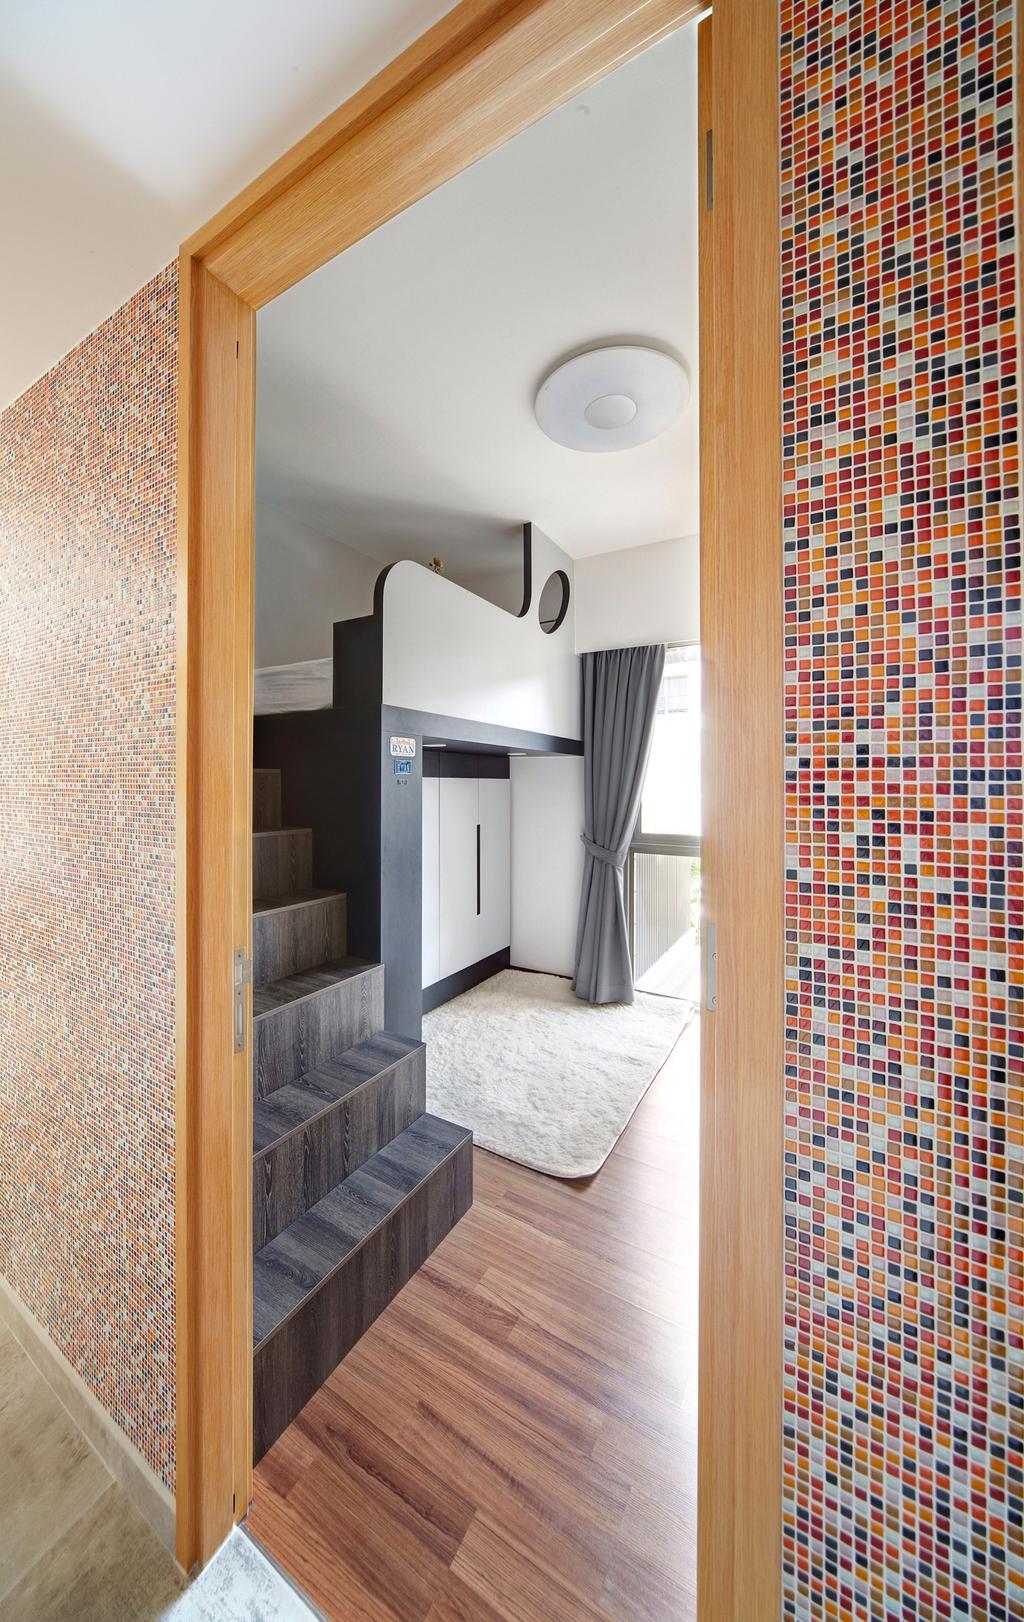 Eclectic, Condo, Bedroom, Terrasse, Interior Designer, Free Space Intent, Retro